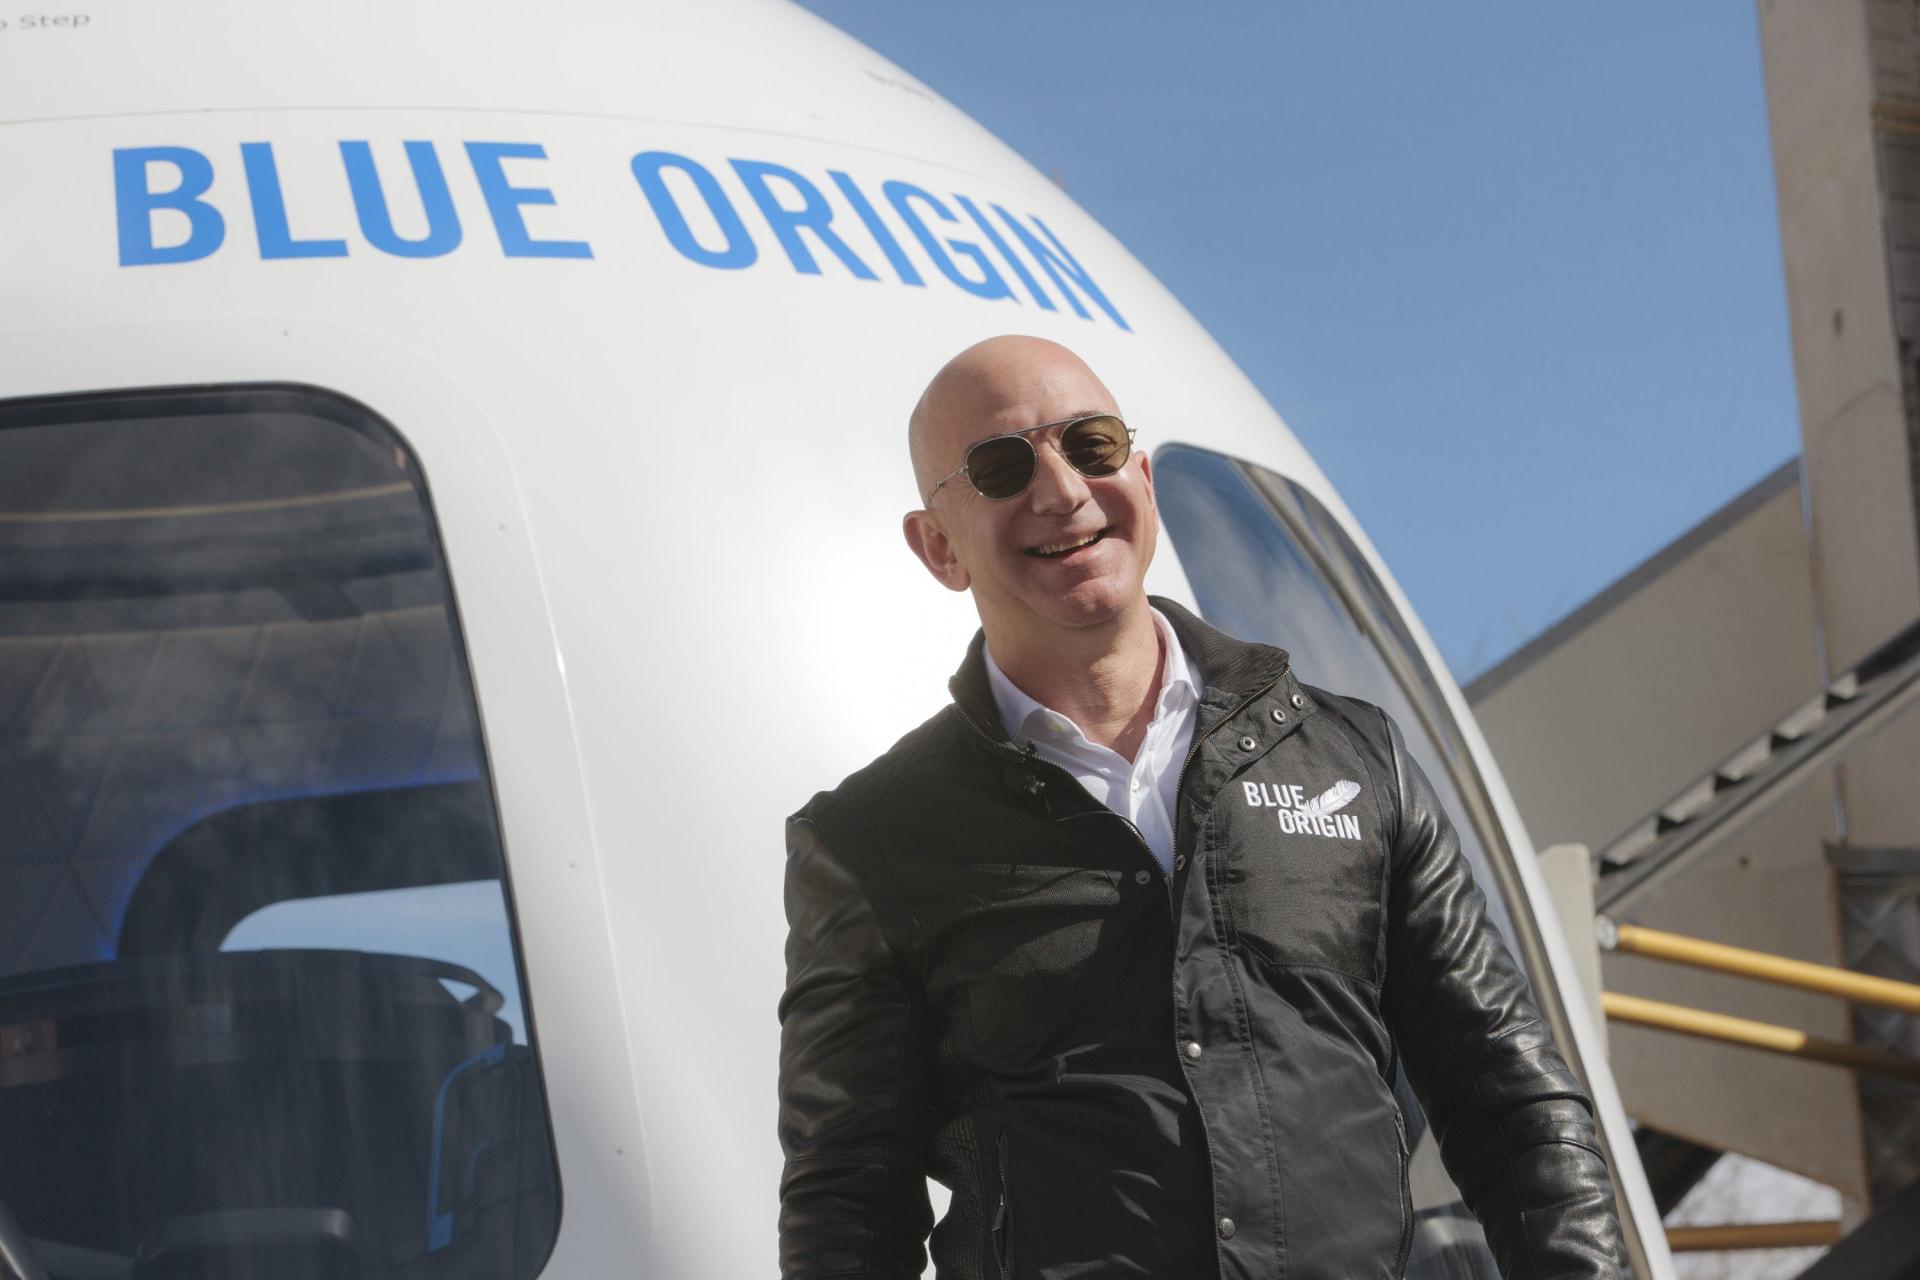 جيف بيزوس سيسافر على متن  أول رحلة مأهولة إلى الفضاء